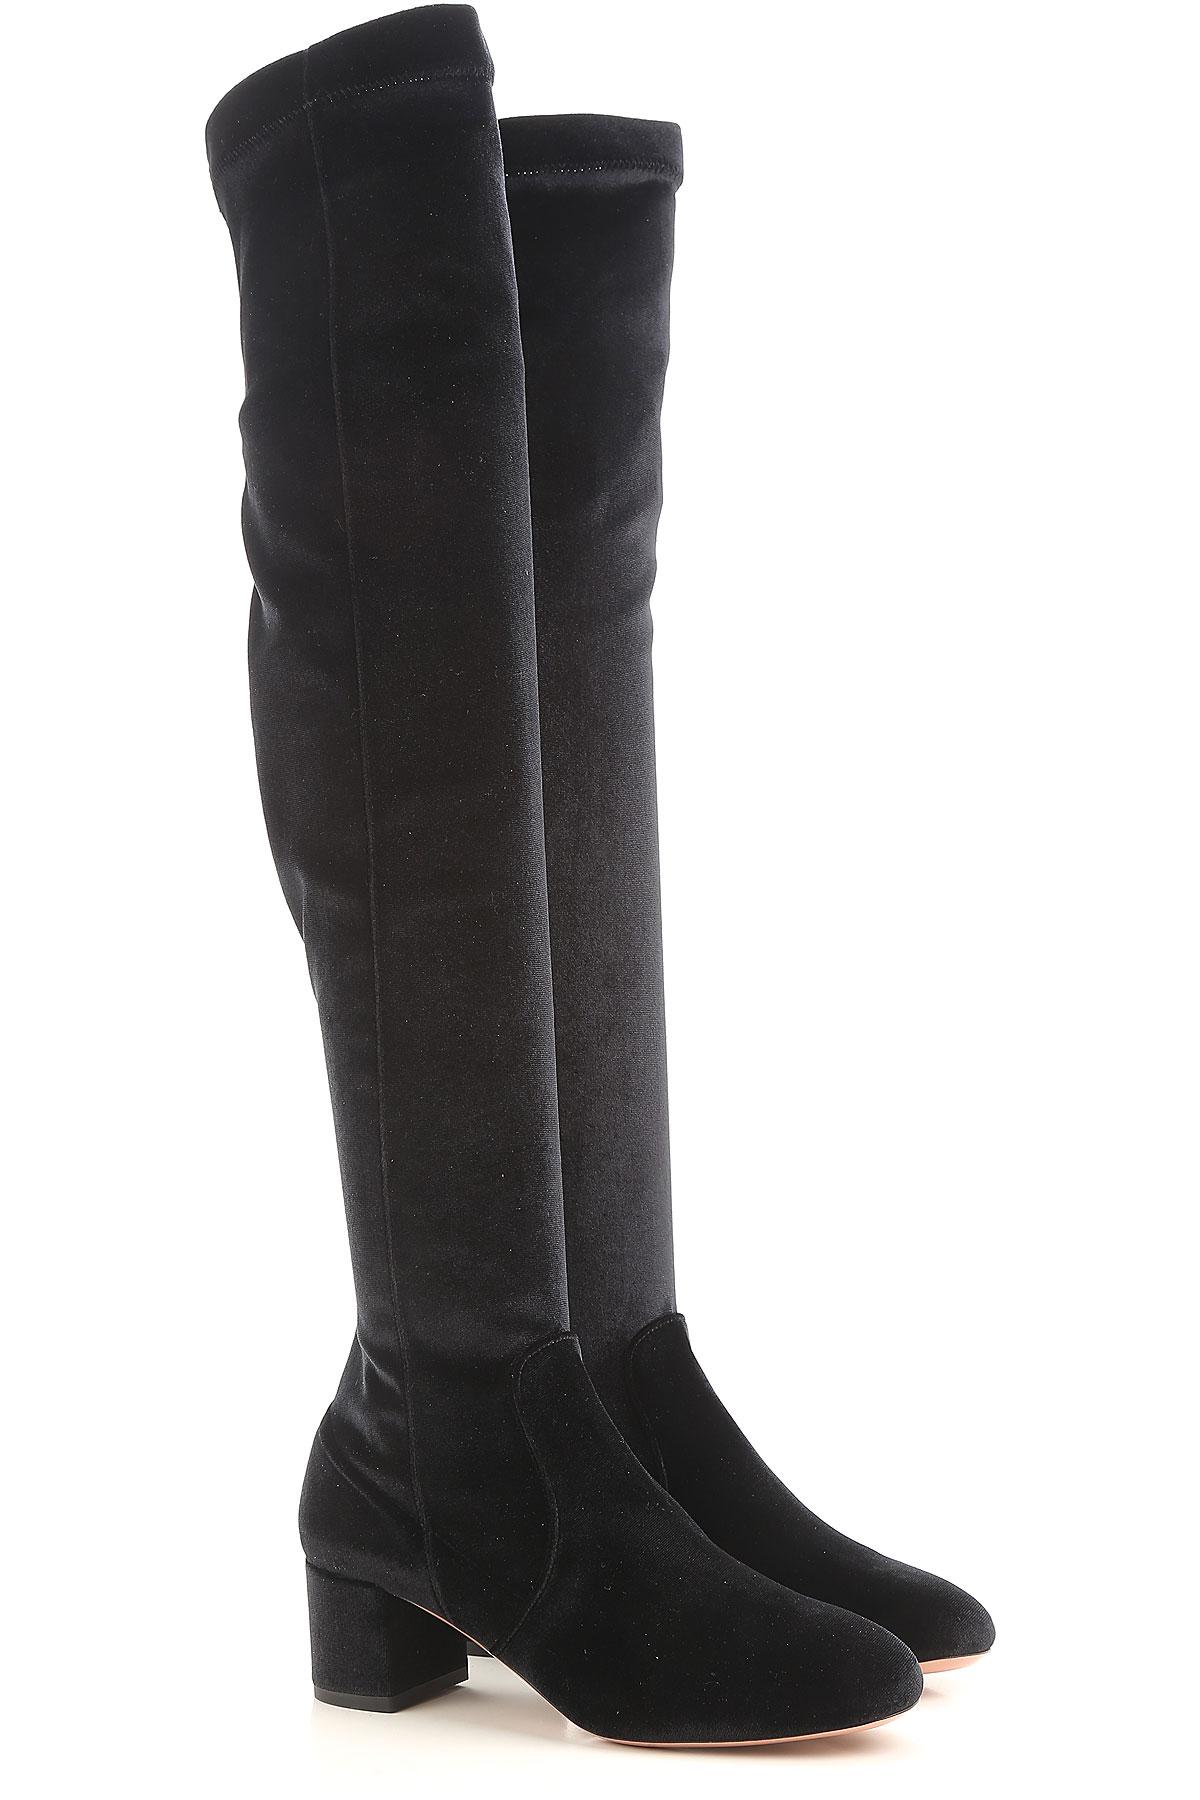 Aquazzura Vysoké boty pro ženy Ve výprodeji v Outletu eb2e70f975